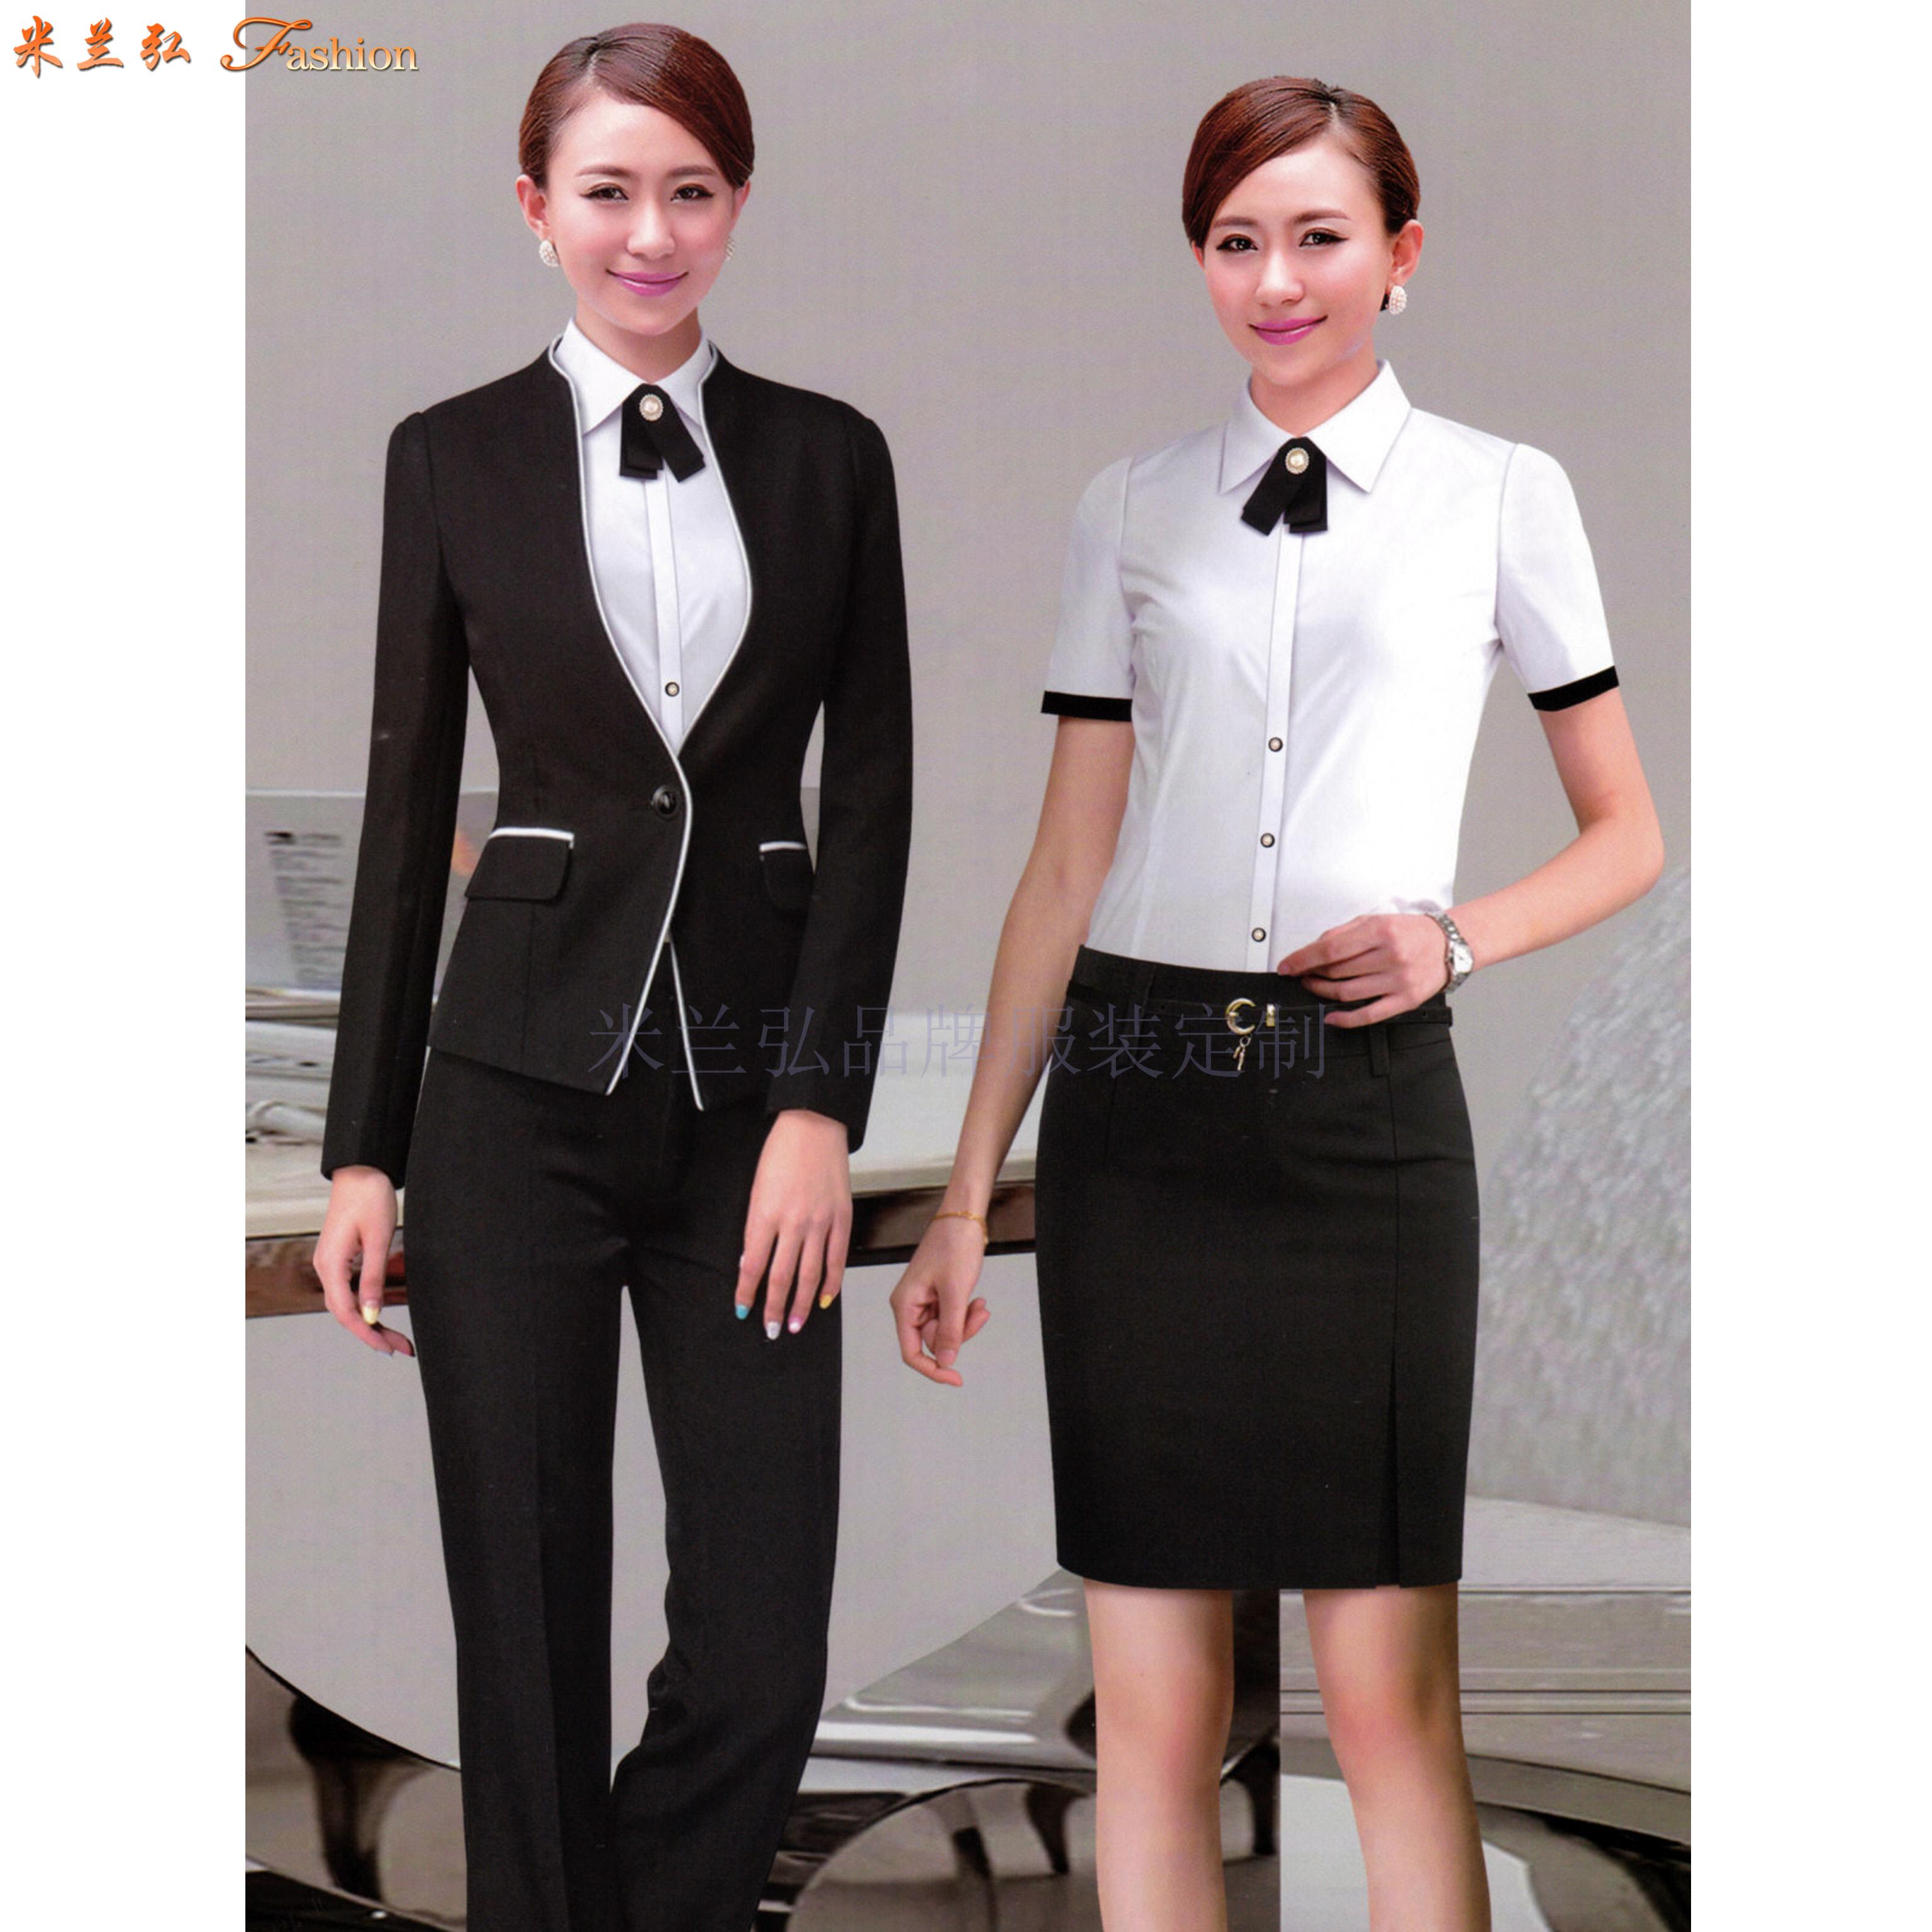 江西西服定制-品牌羊毛西服訂做價格-米蘭弘服裝-4